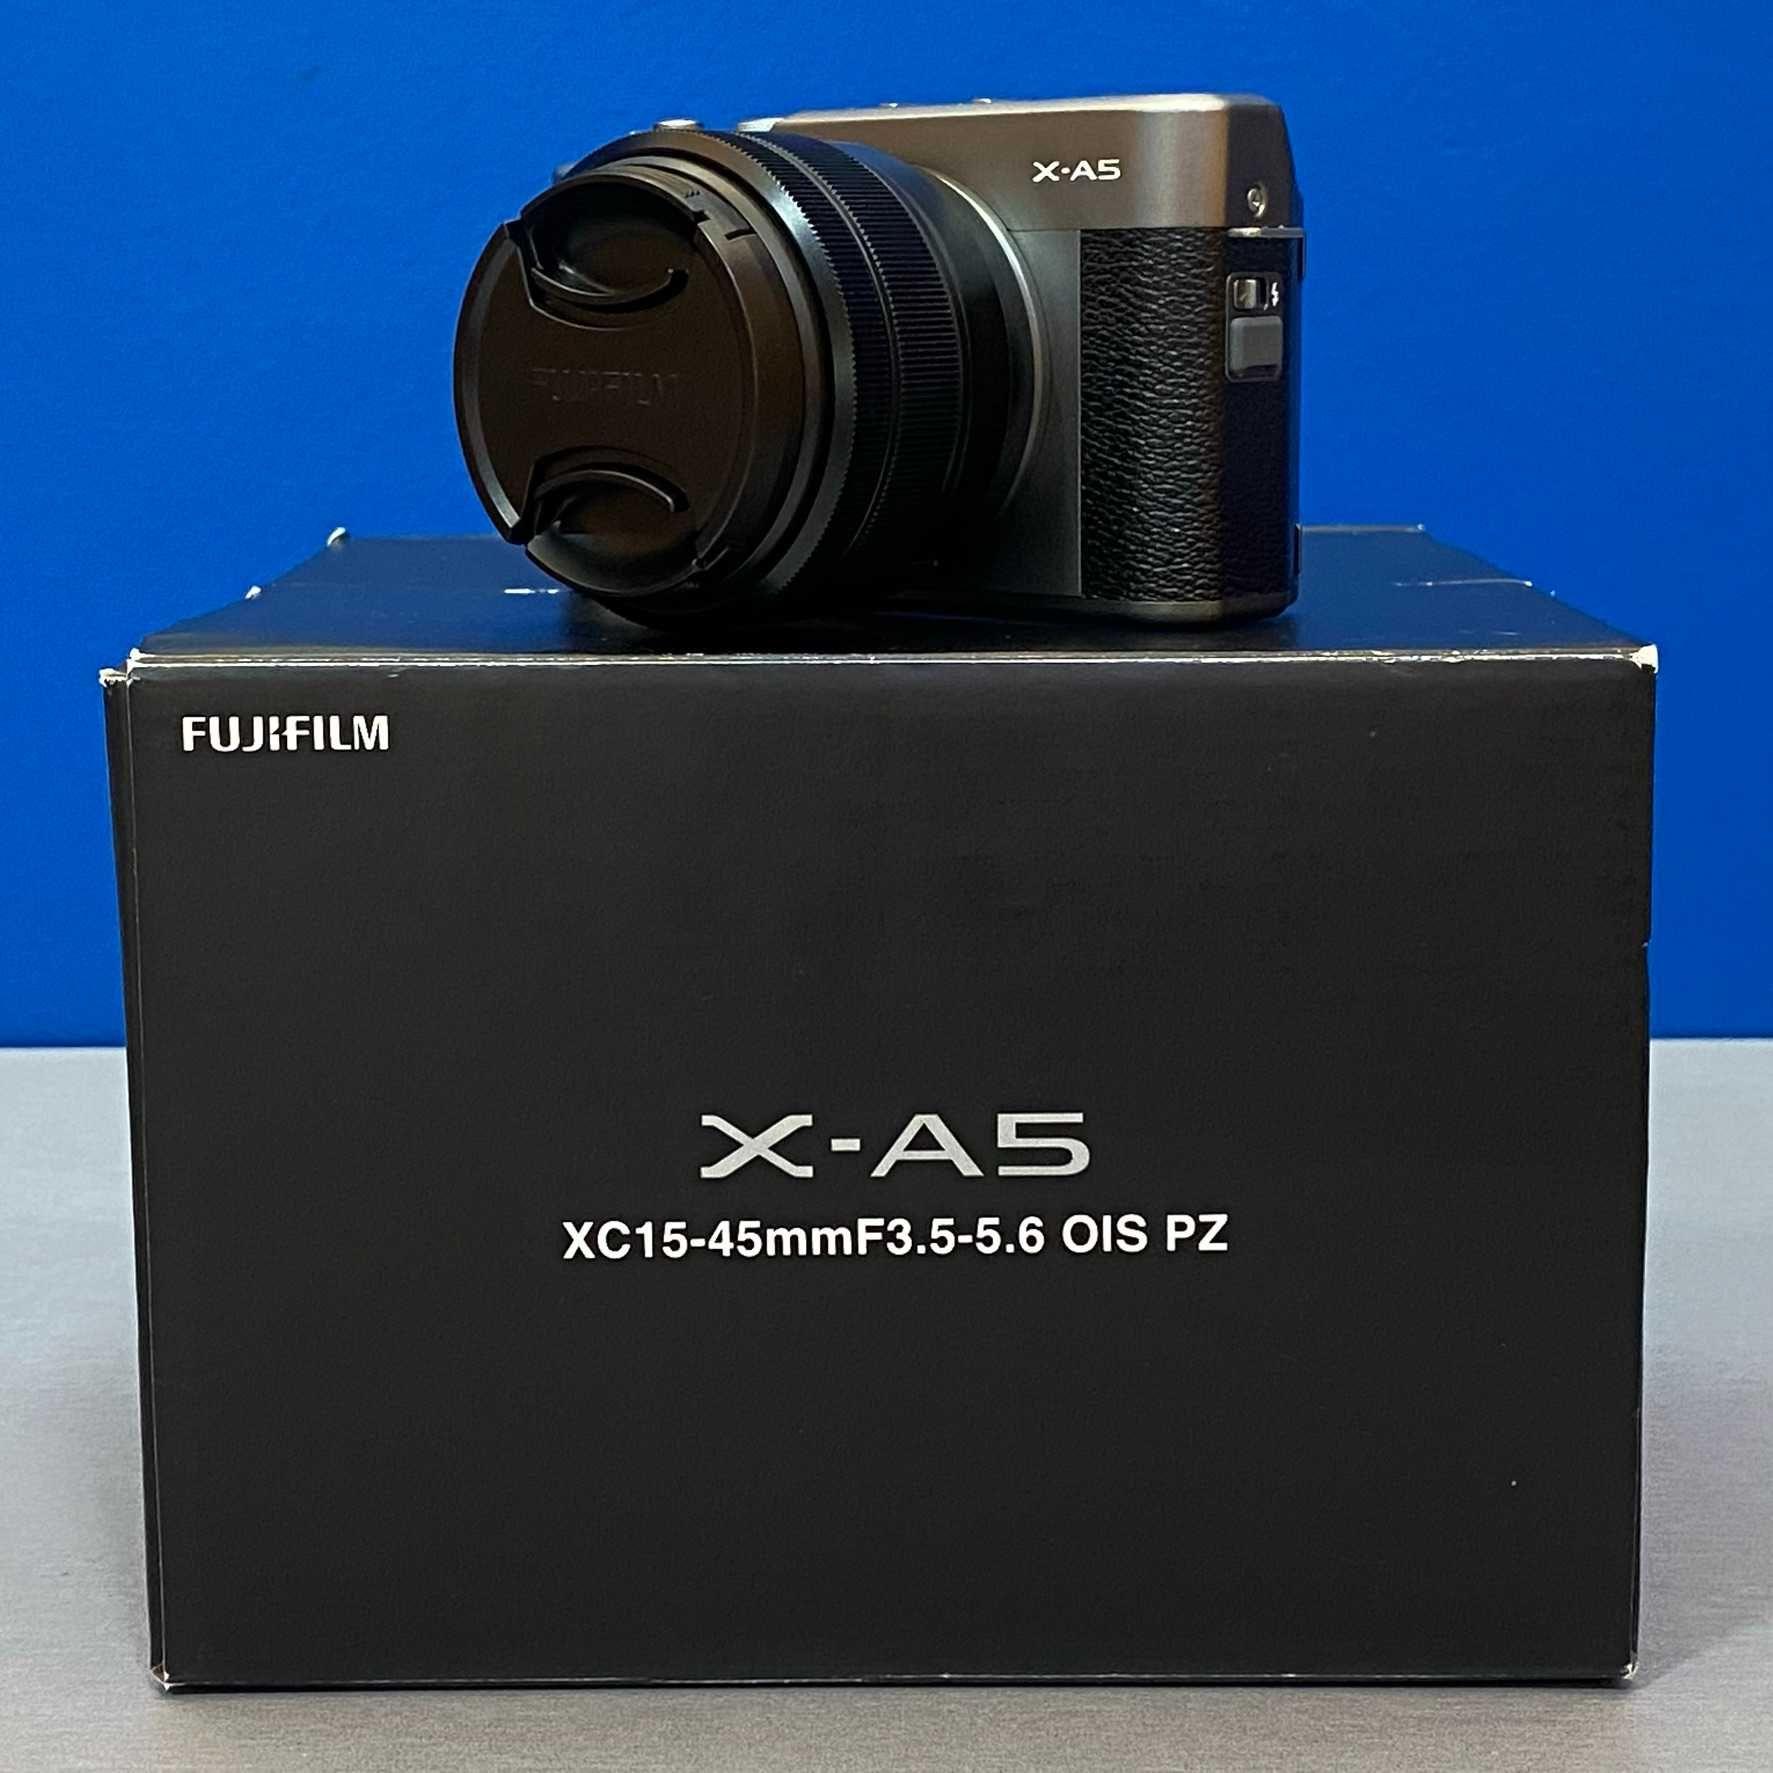 Fujifilm X-A5 (24.2MP) + XC 15-45mm f/3.5-5.6 OIS PZ